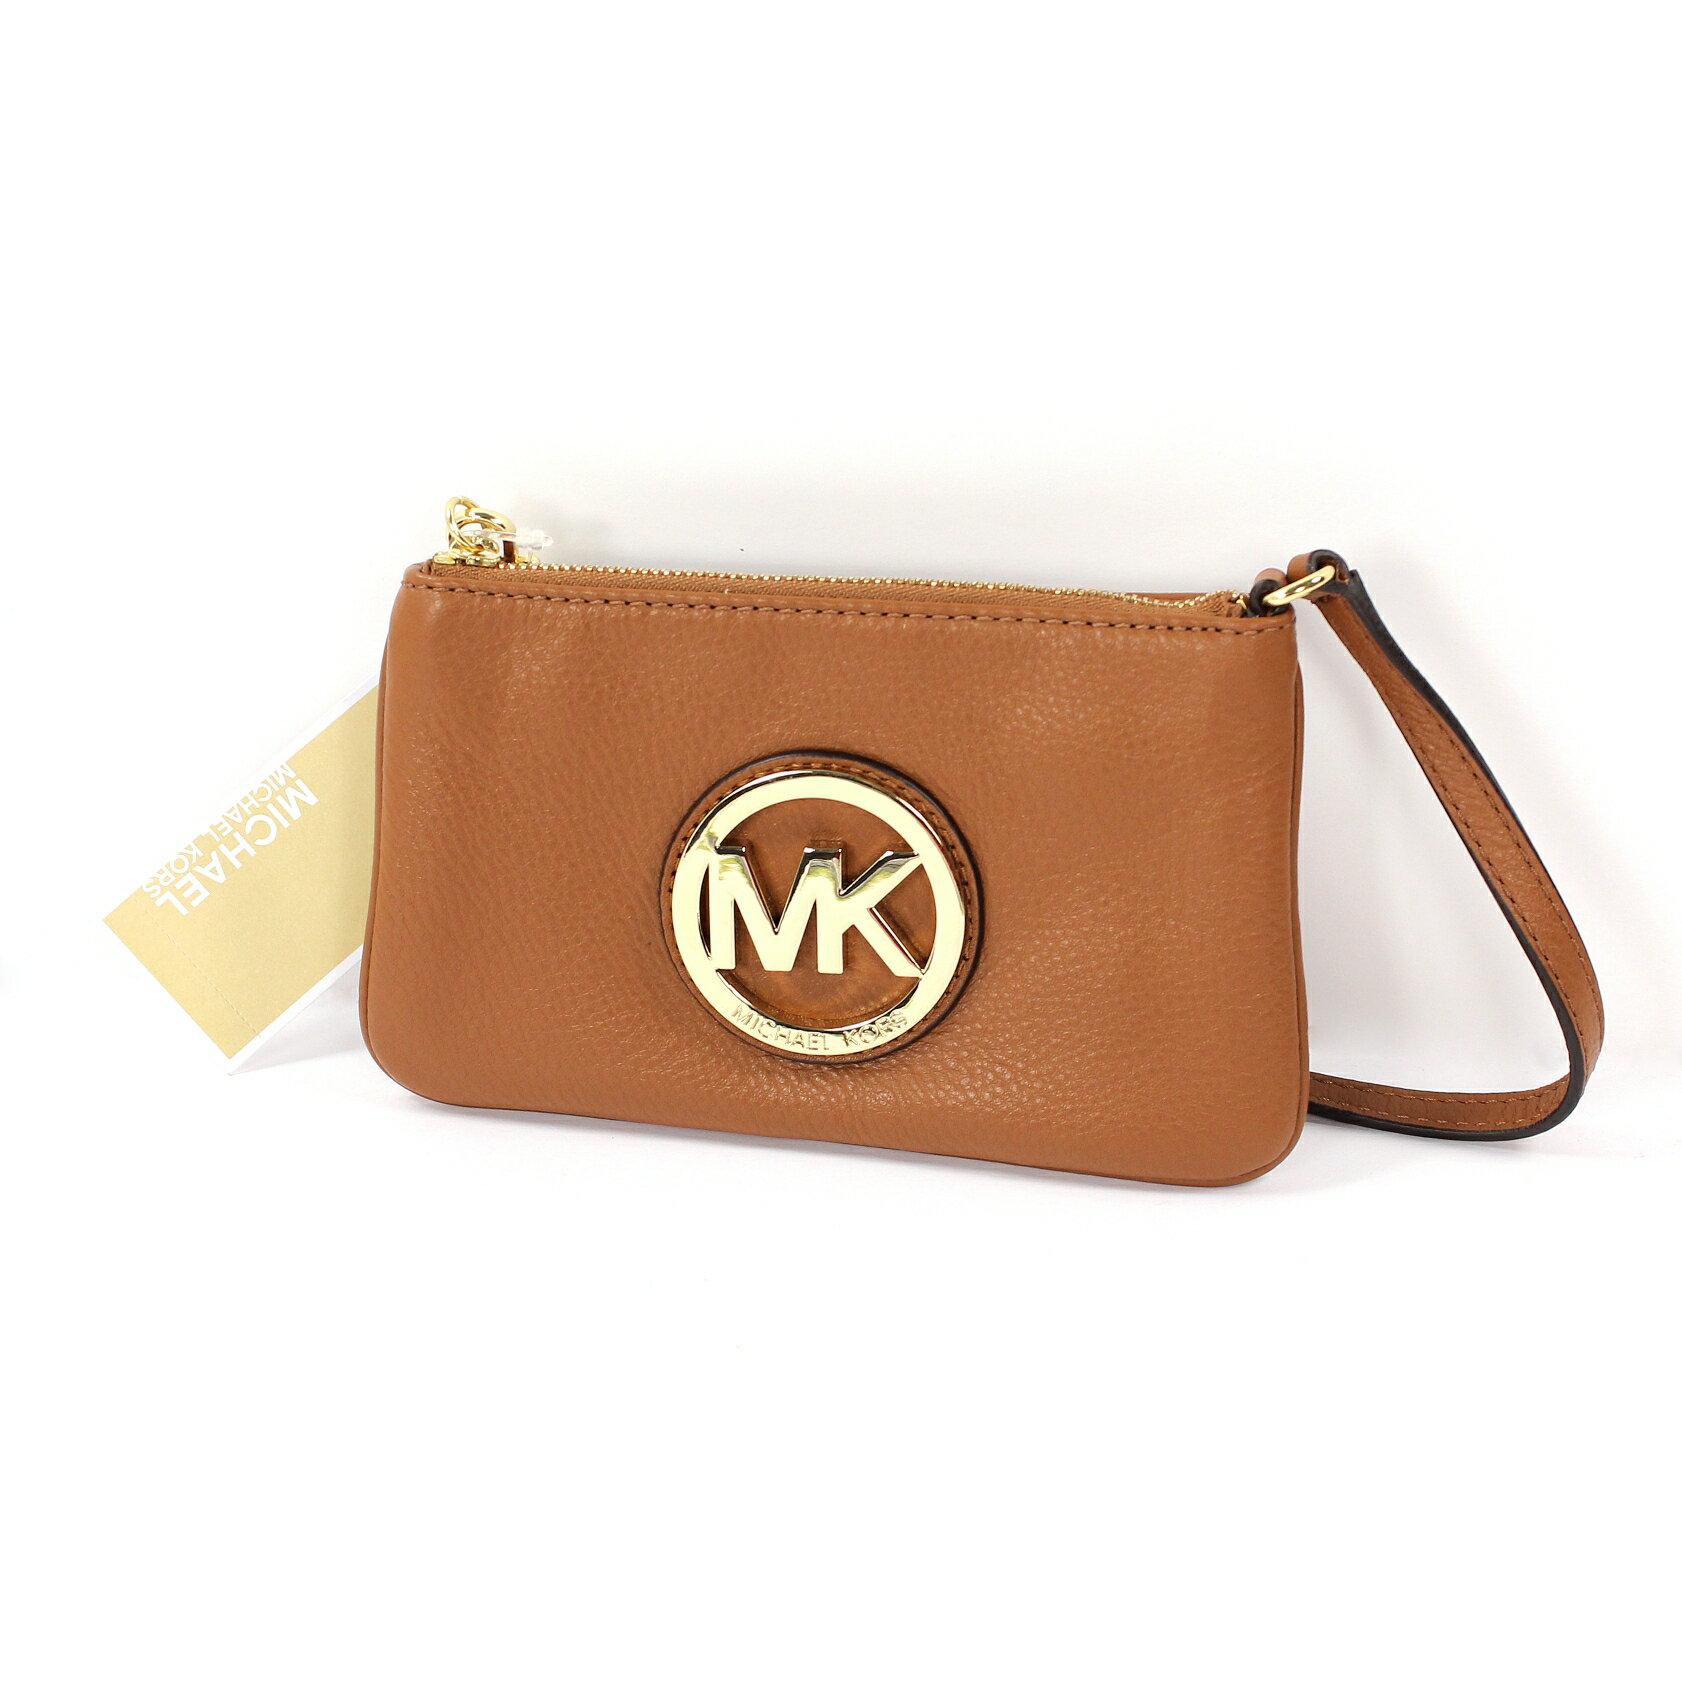 美國百分百【全新真品】MICHAEL KORS 手拿包 MK 手提包 錢包 手機包 皮包 駝色 真皮 女包 A694